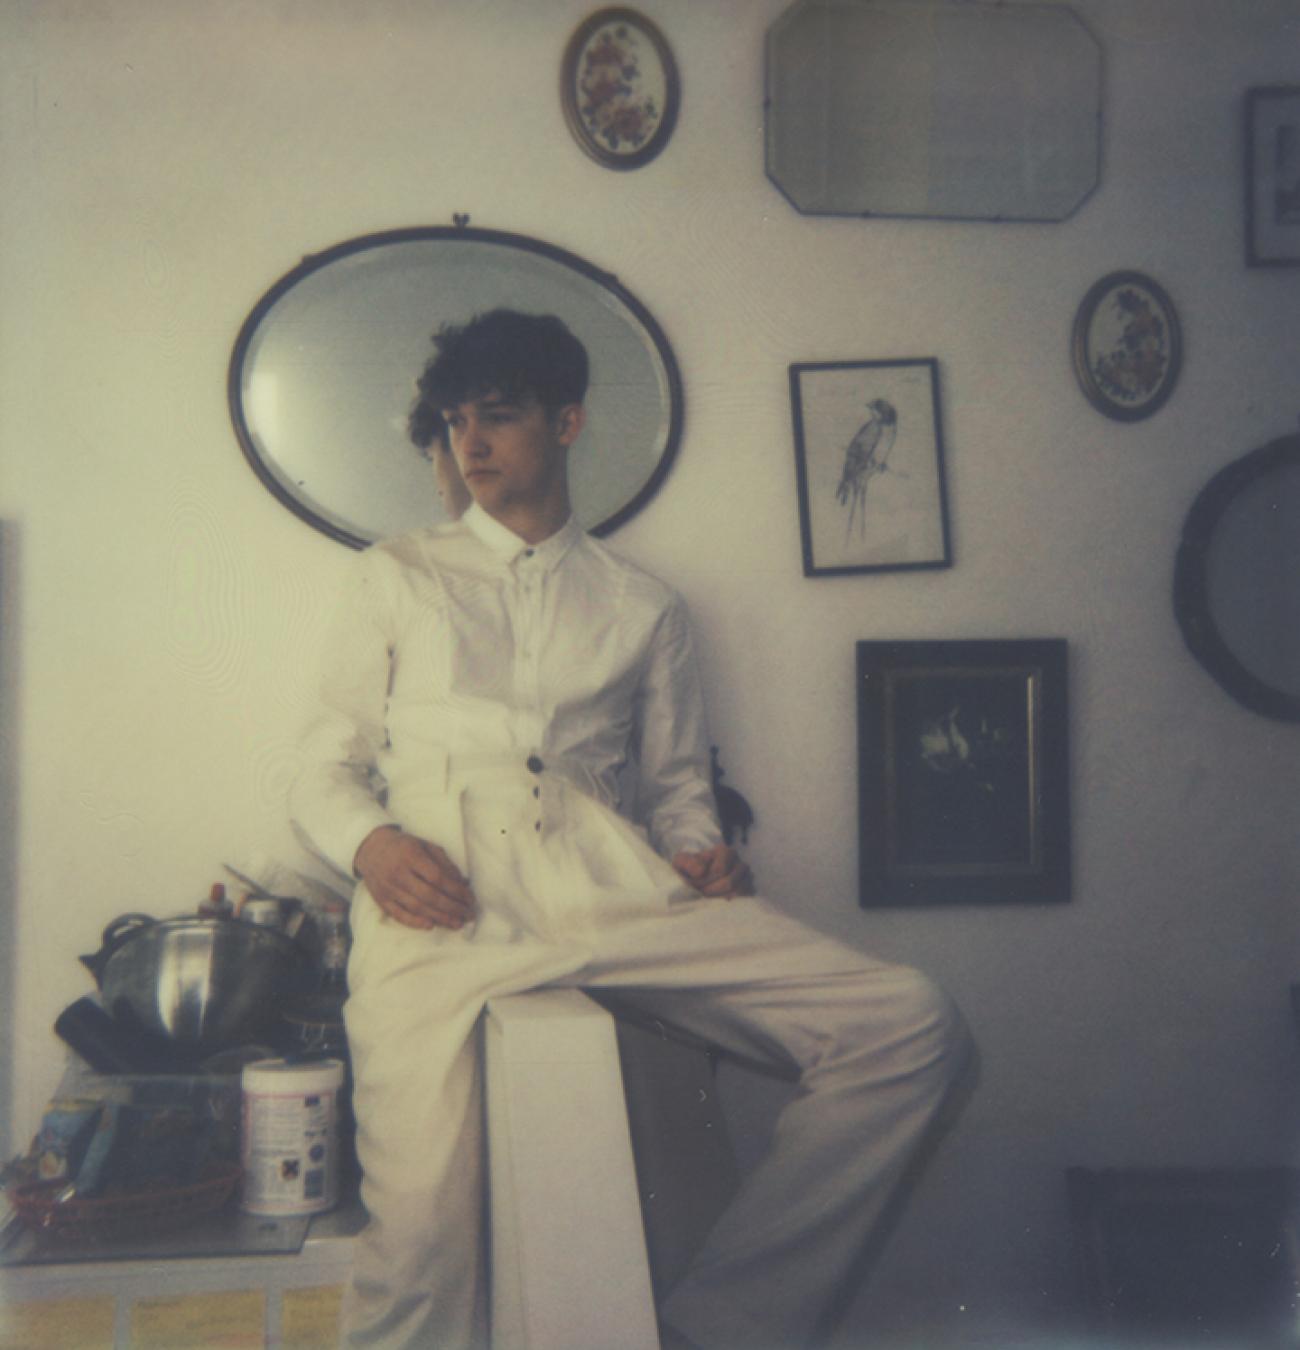 Joey_polaroid_3s1